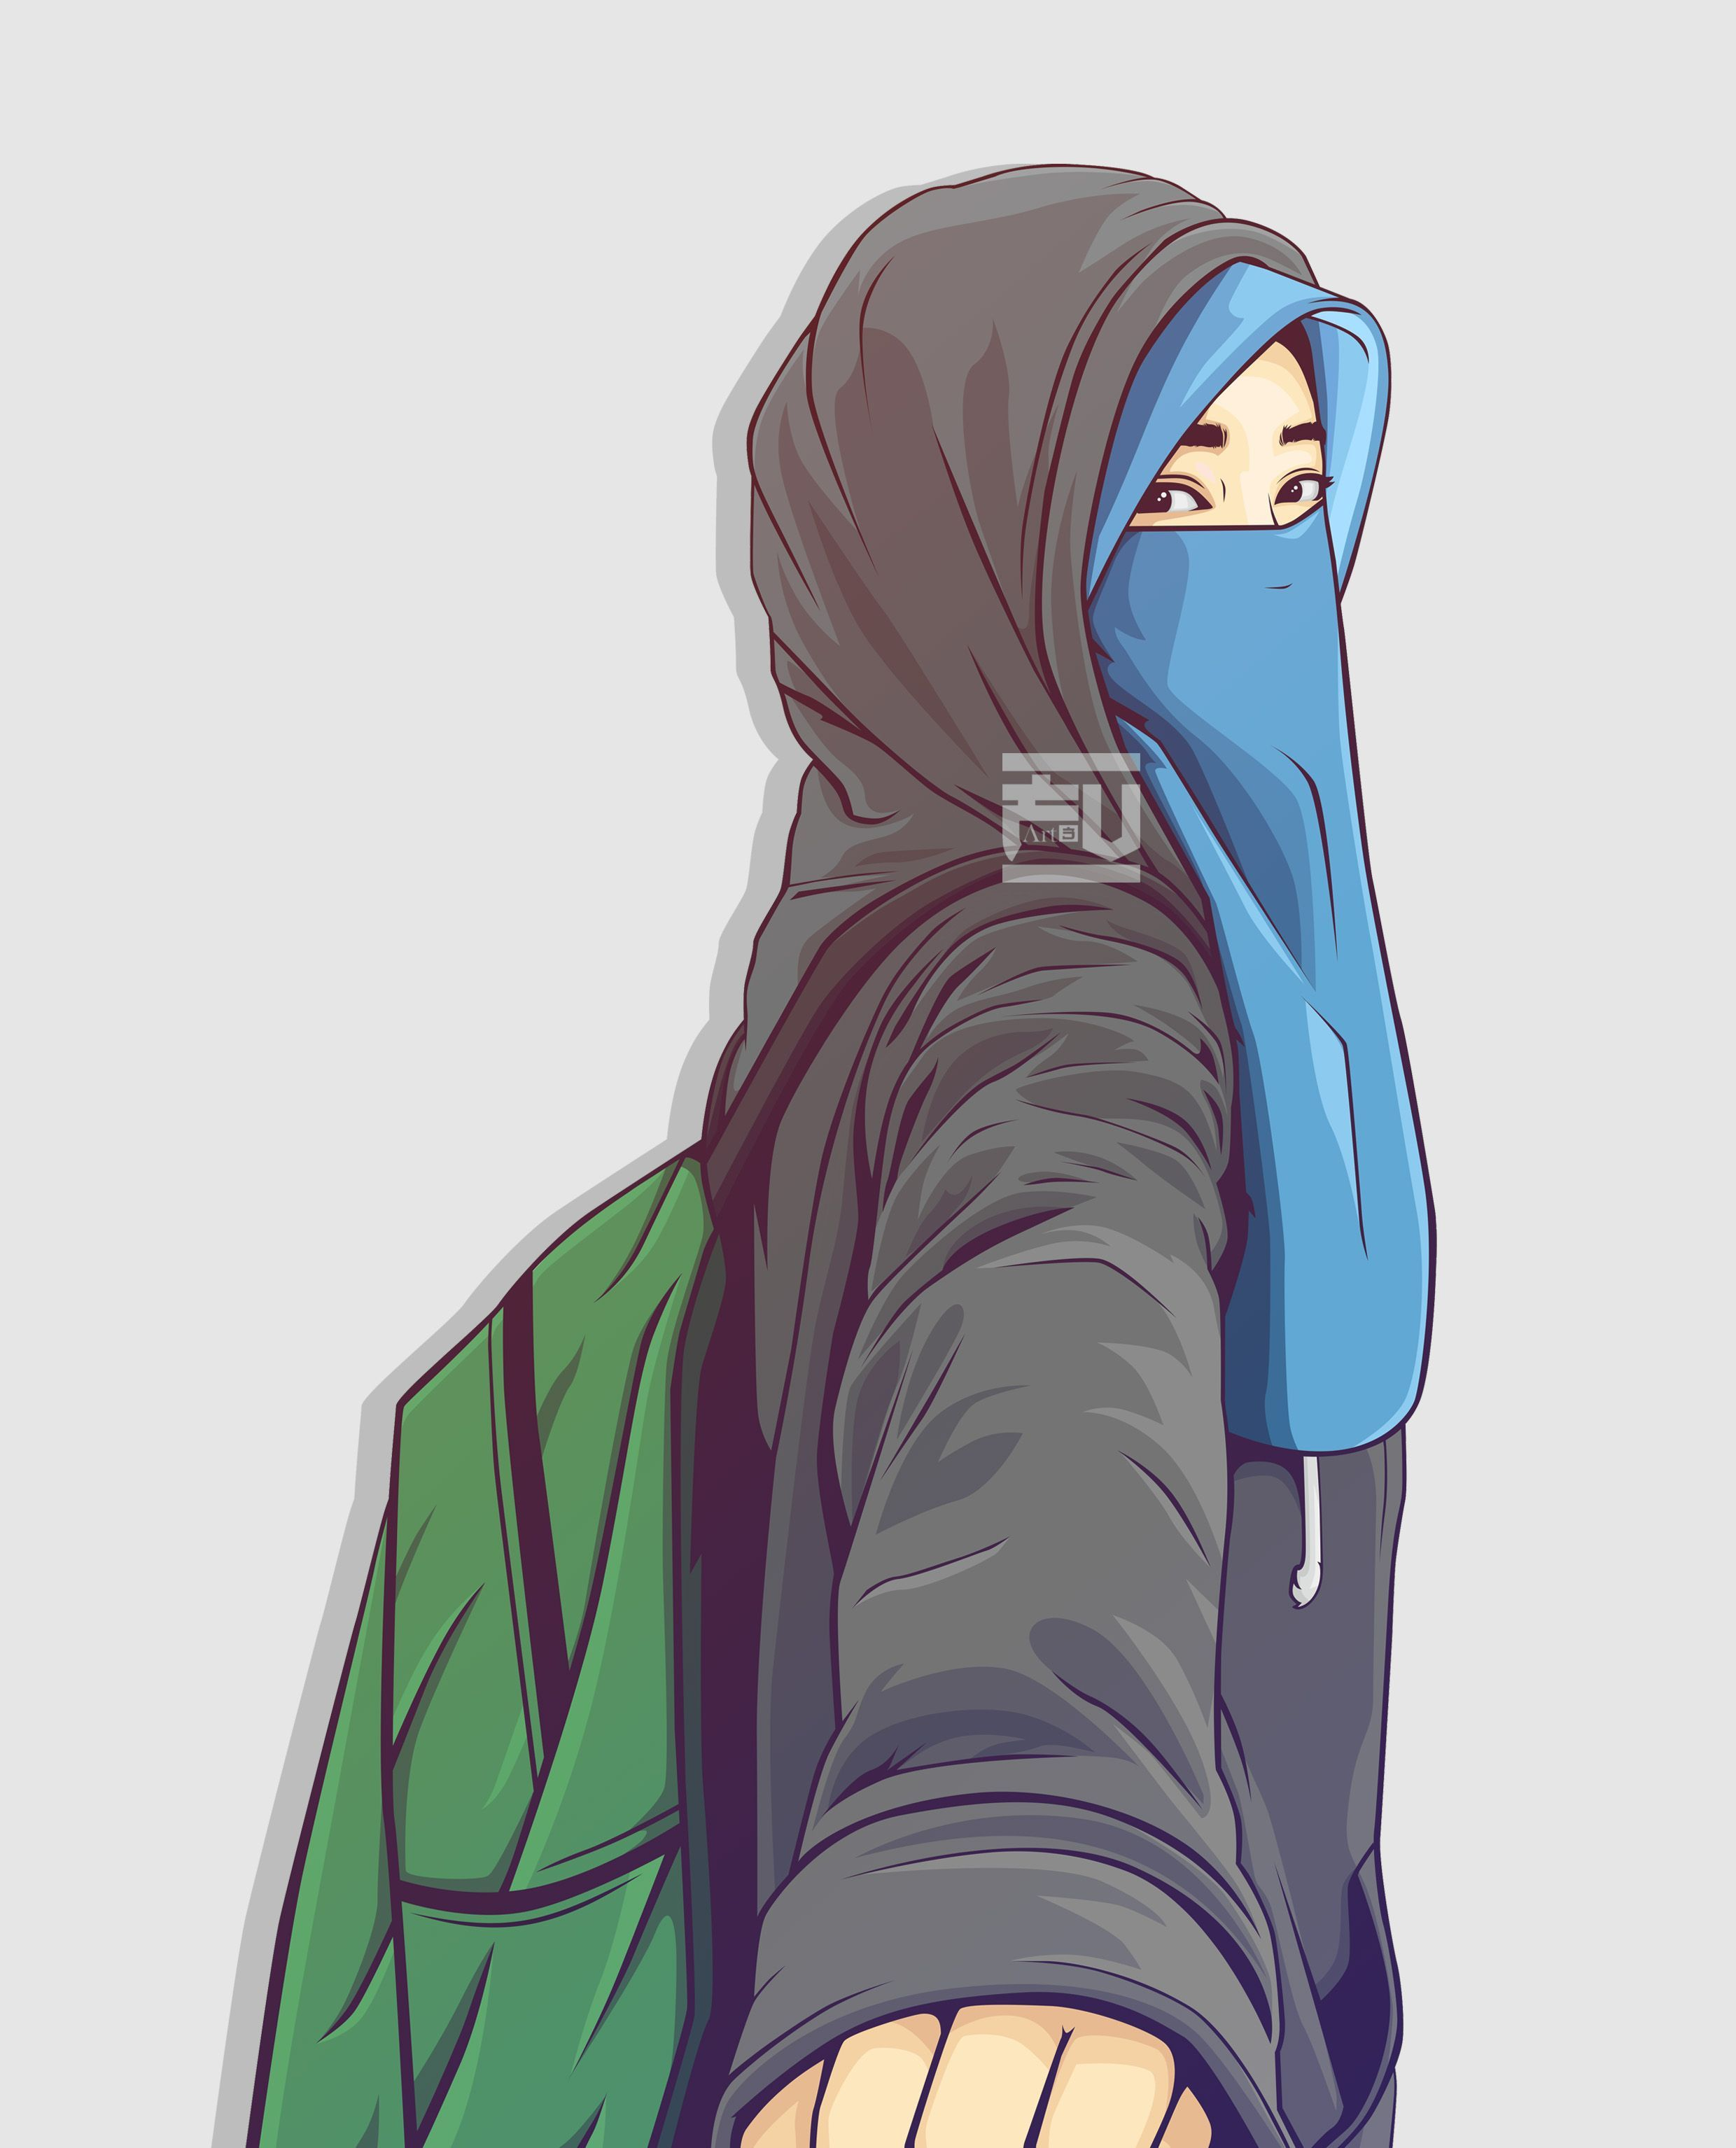 Unduh 850 Gambar Animasi Hijab HD Paling Keren Kartun